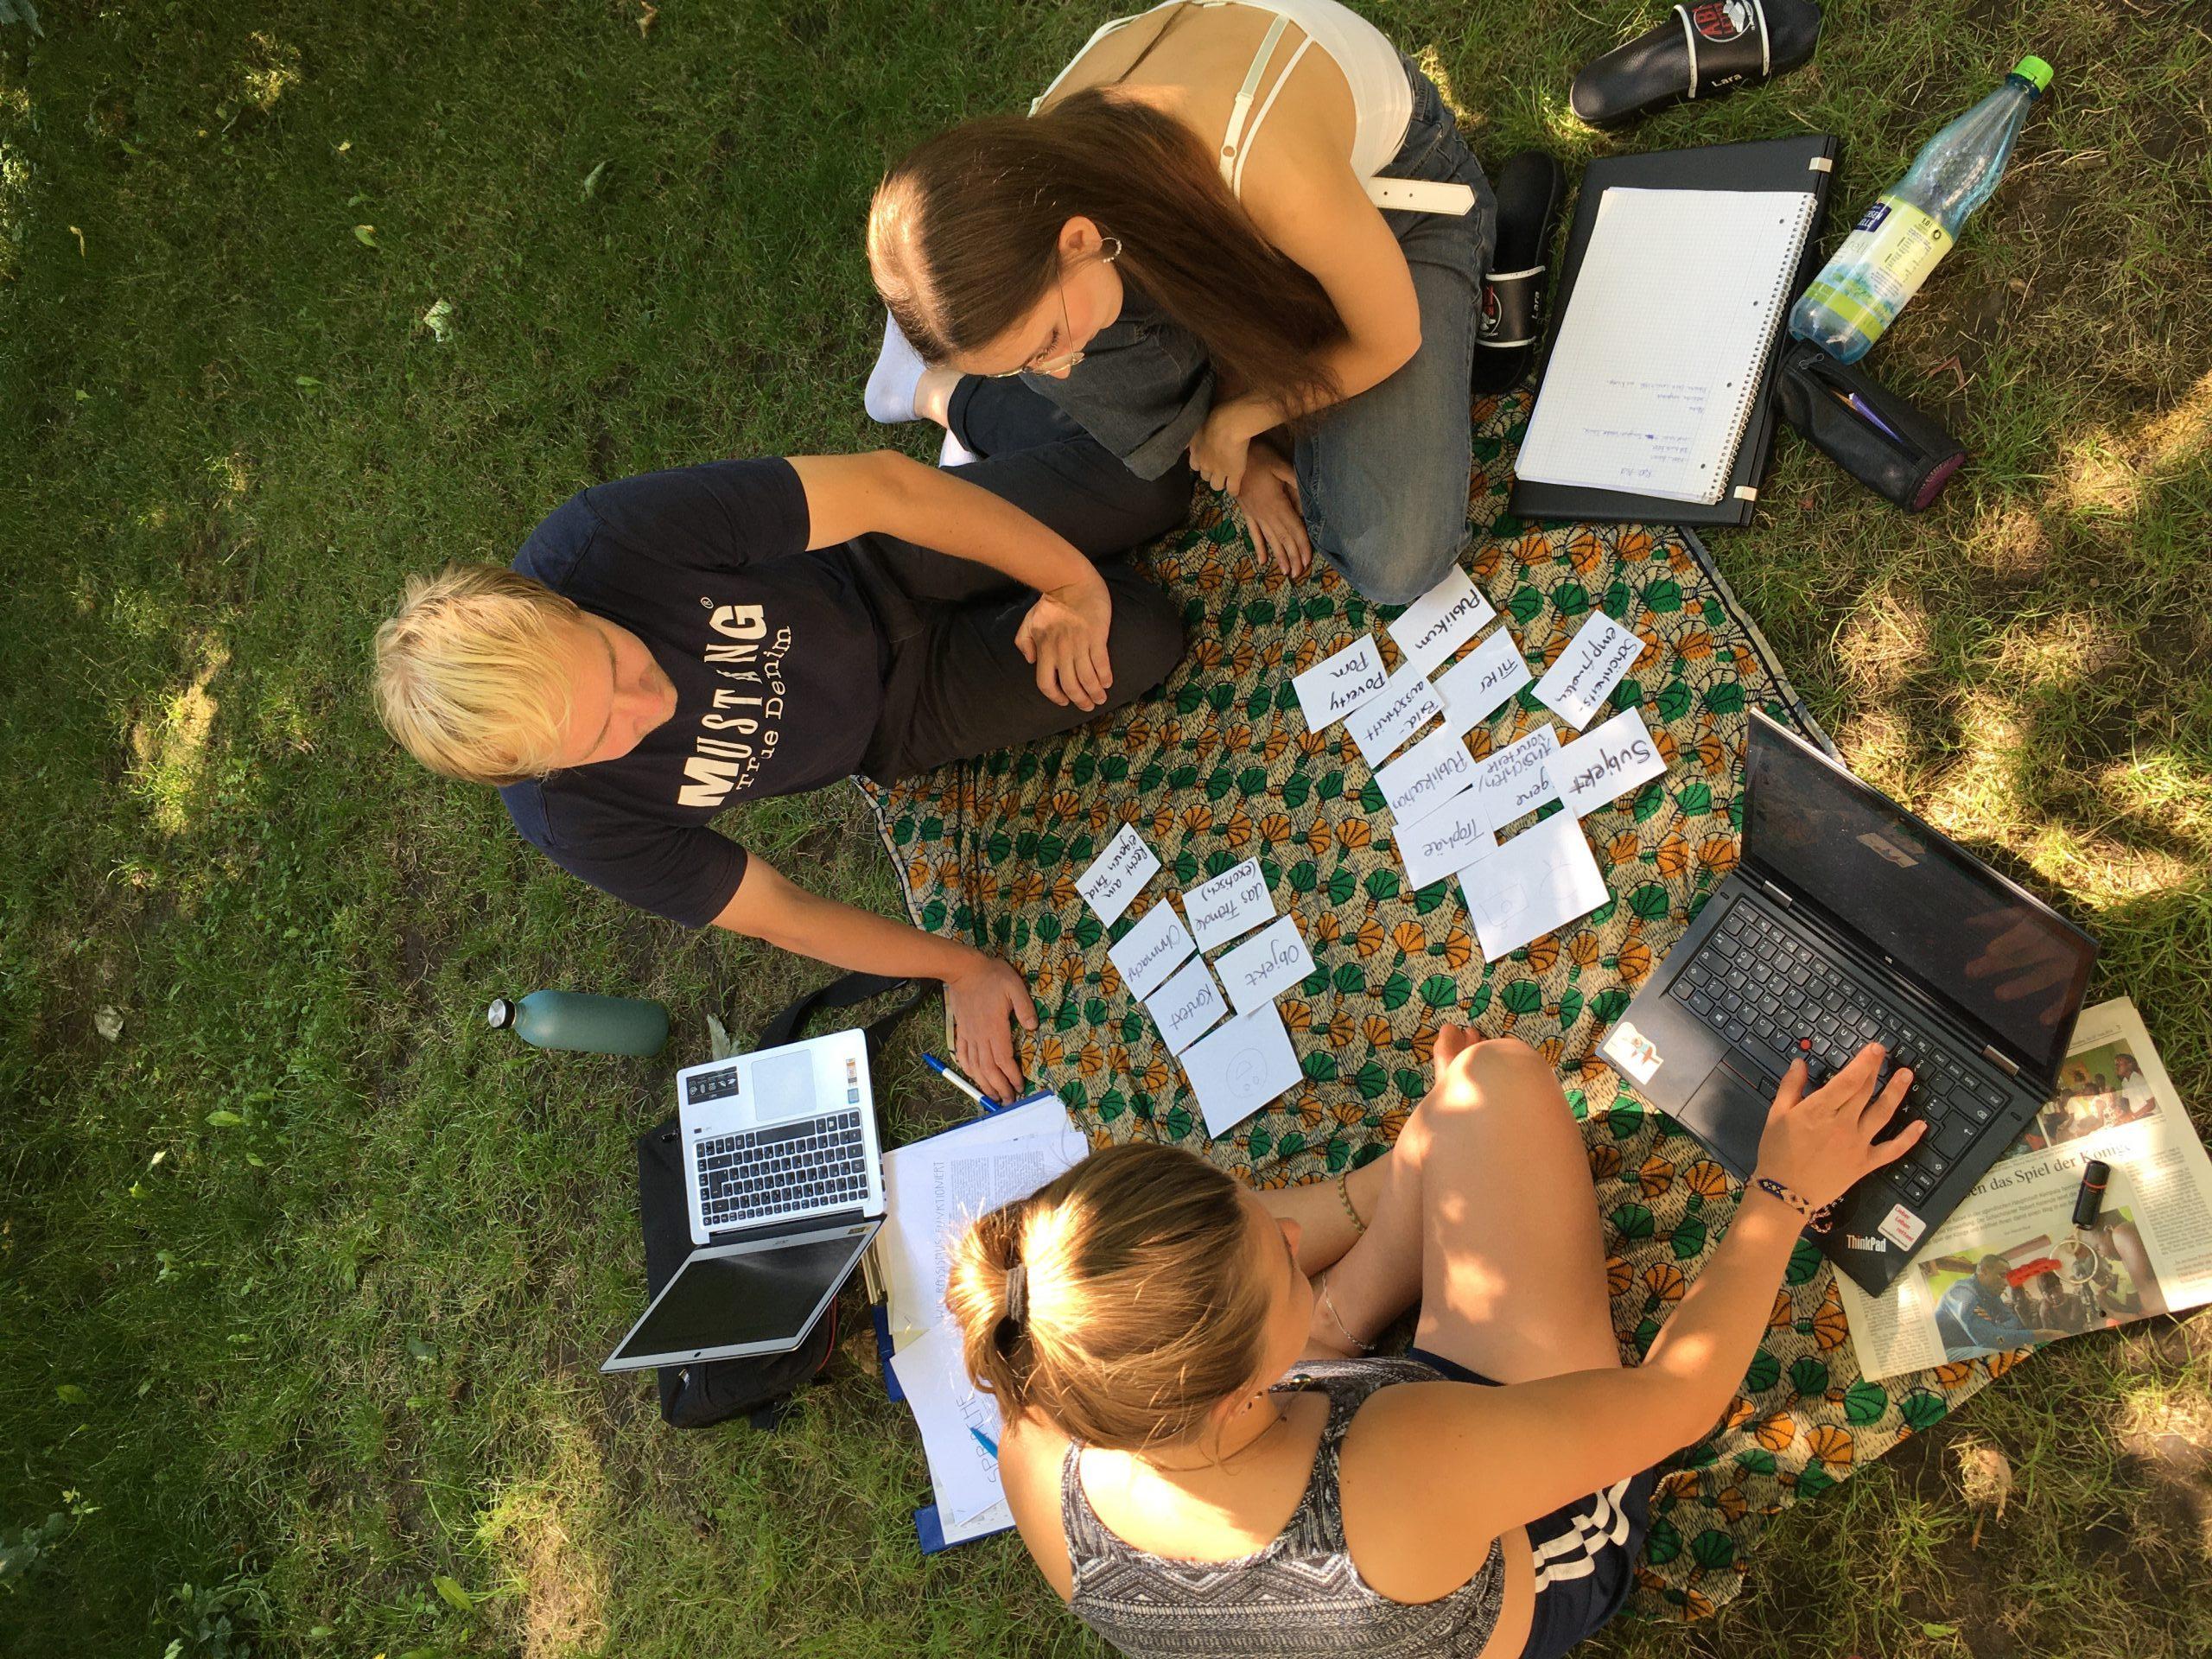 Nils, Lara und Lexi sitzen auf einer Decke im Gras mit ihren Laptops und haben Karteikarten vor sich ausgebreitet.